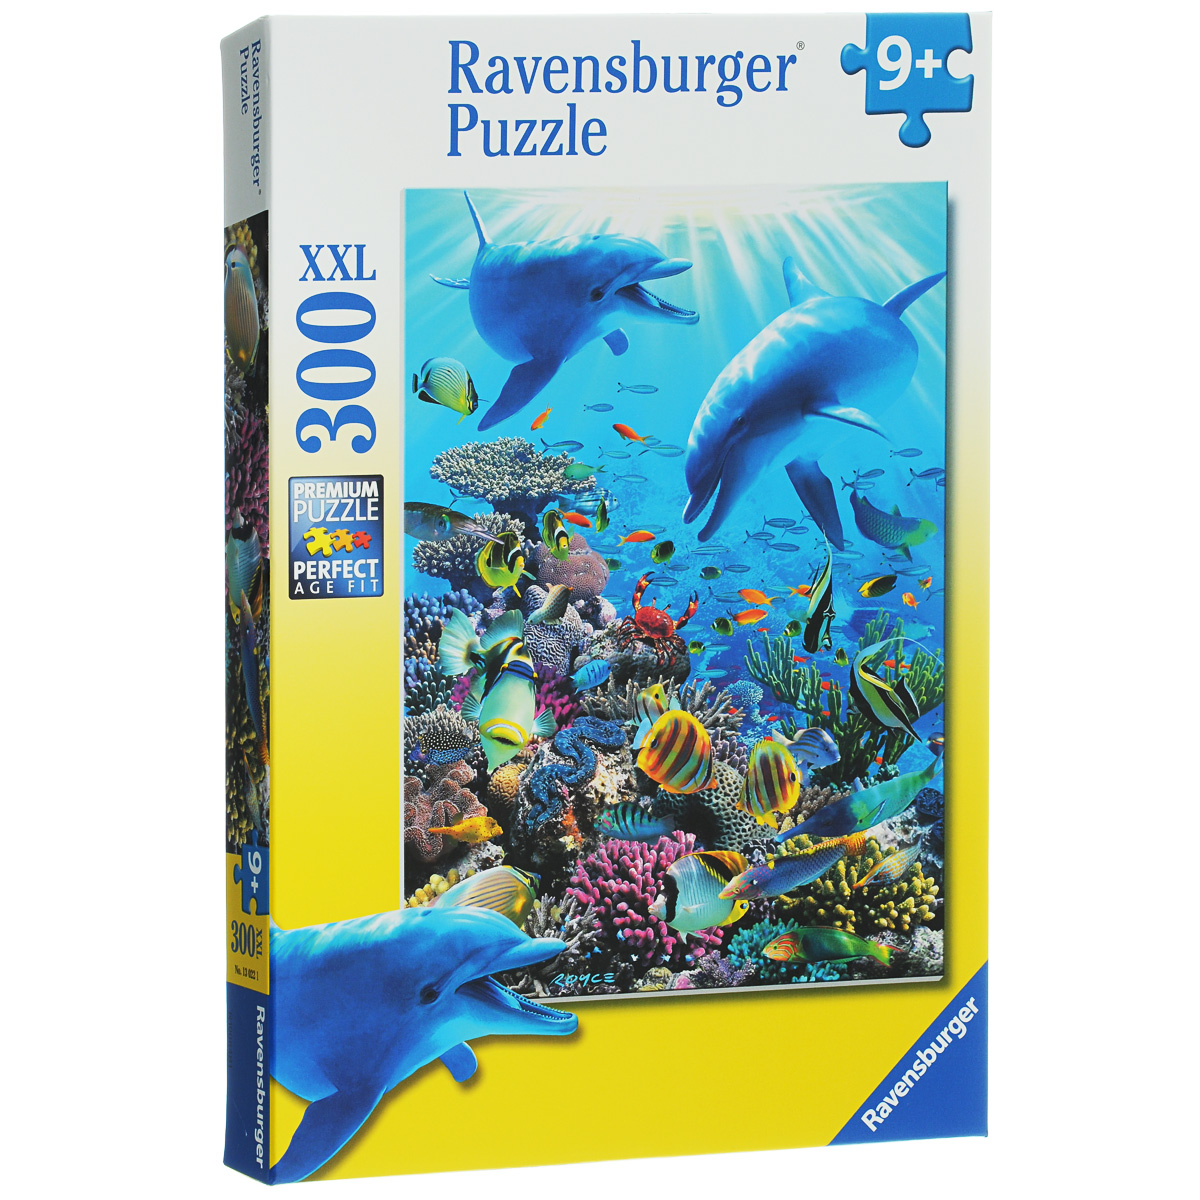 Ravensburger Подводное приключение. Пазл XXL, 300 элементов